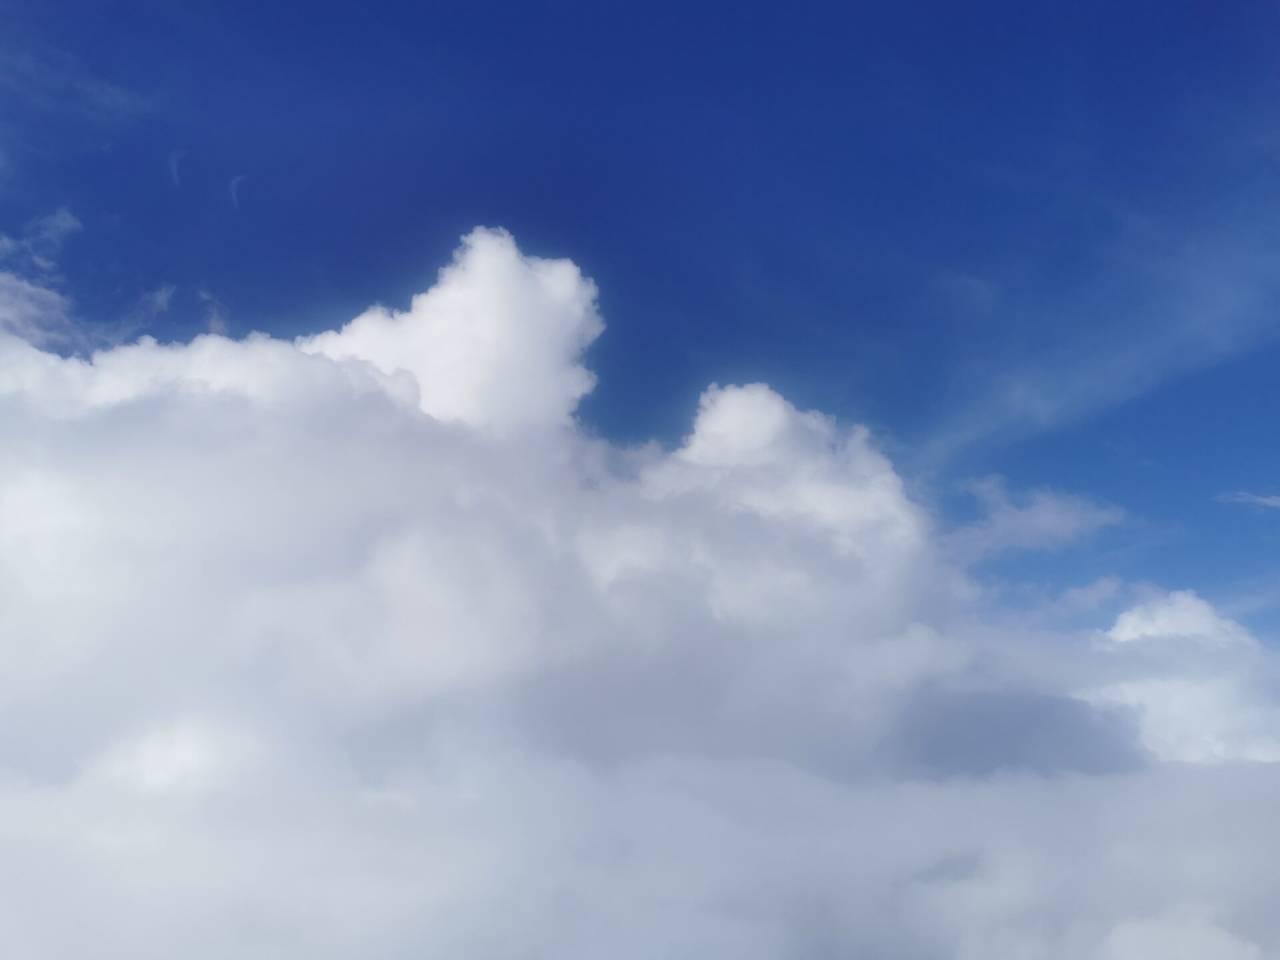 白云深处有人行01.jpg